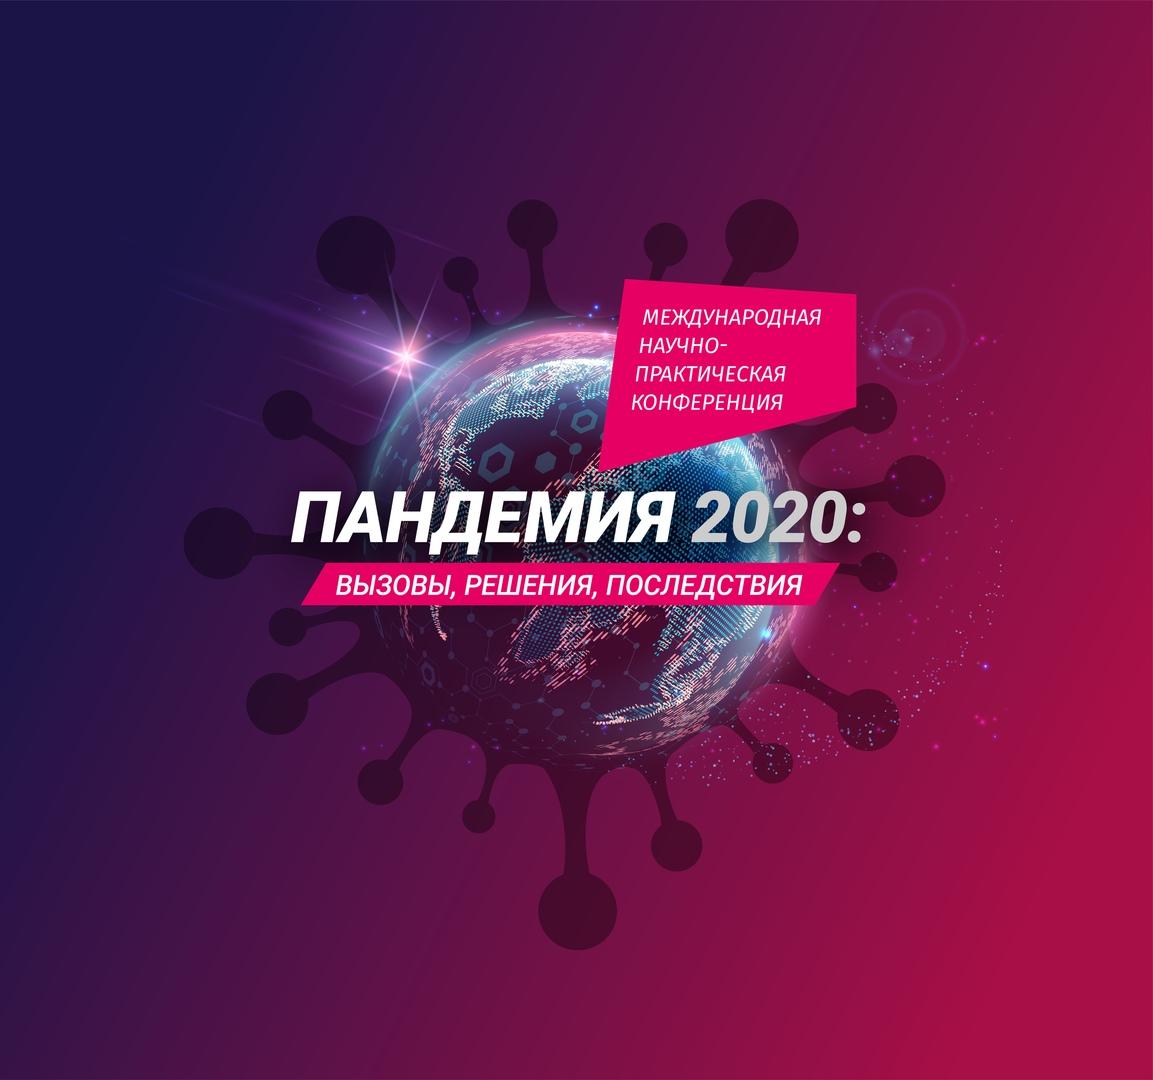 Афиша Москва Пандемия 2020